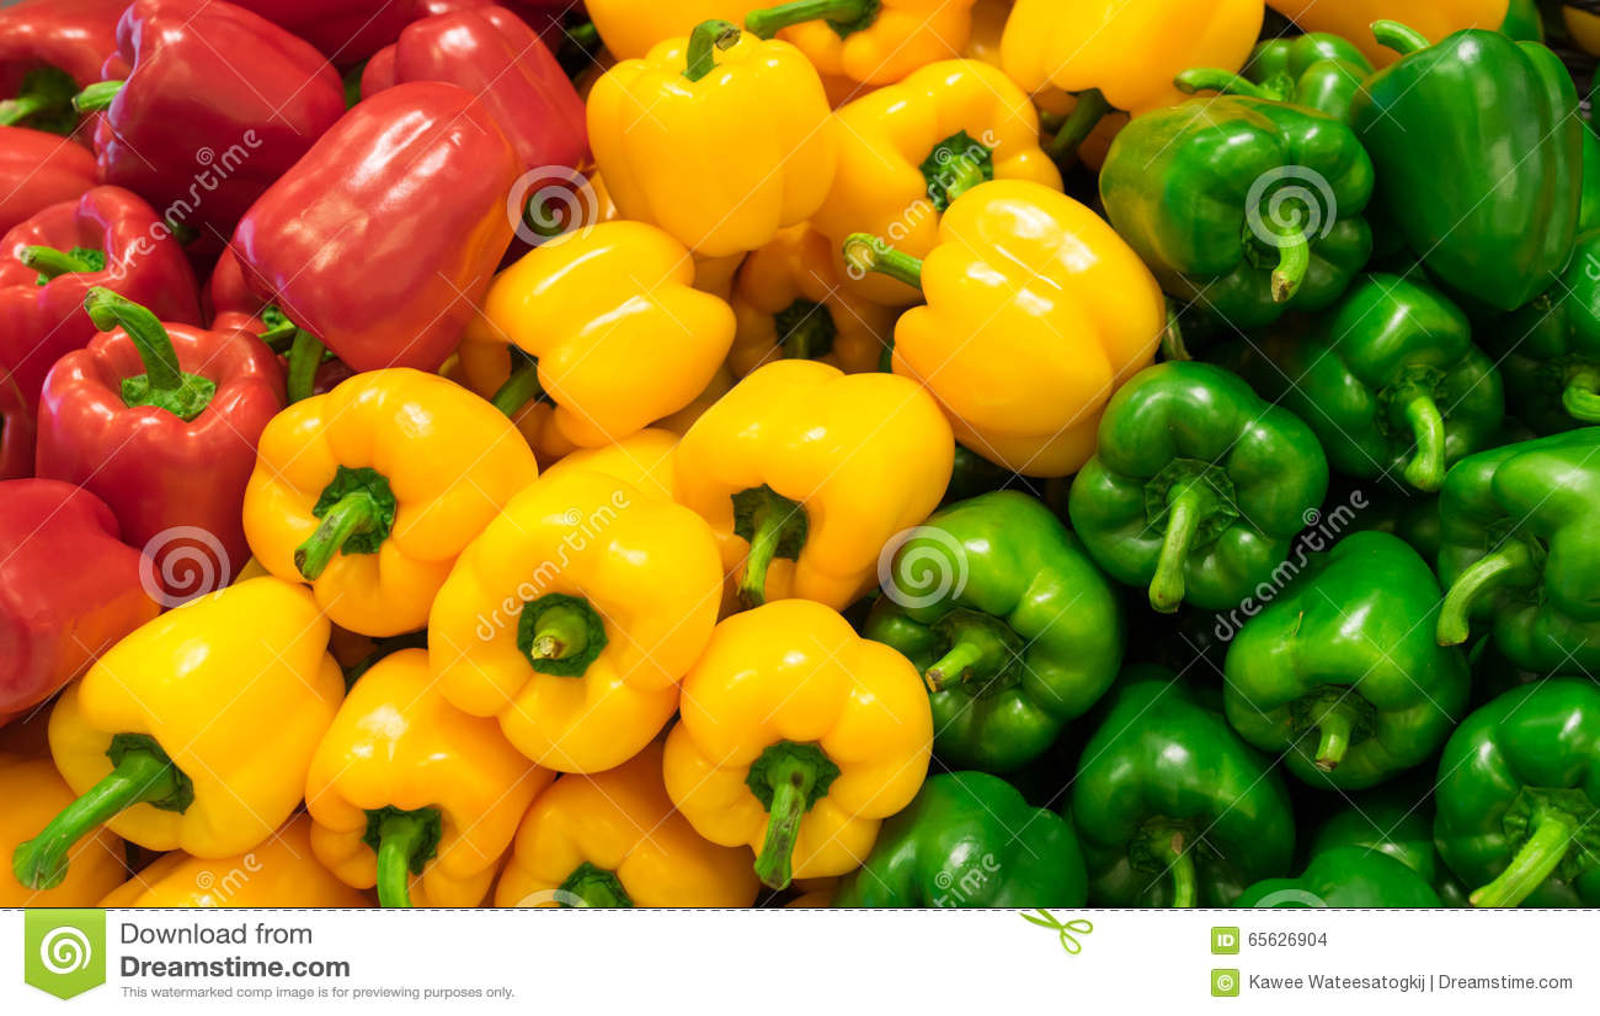 Fond rouge, jaune, et vert de paprikas (poivron)